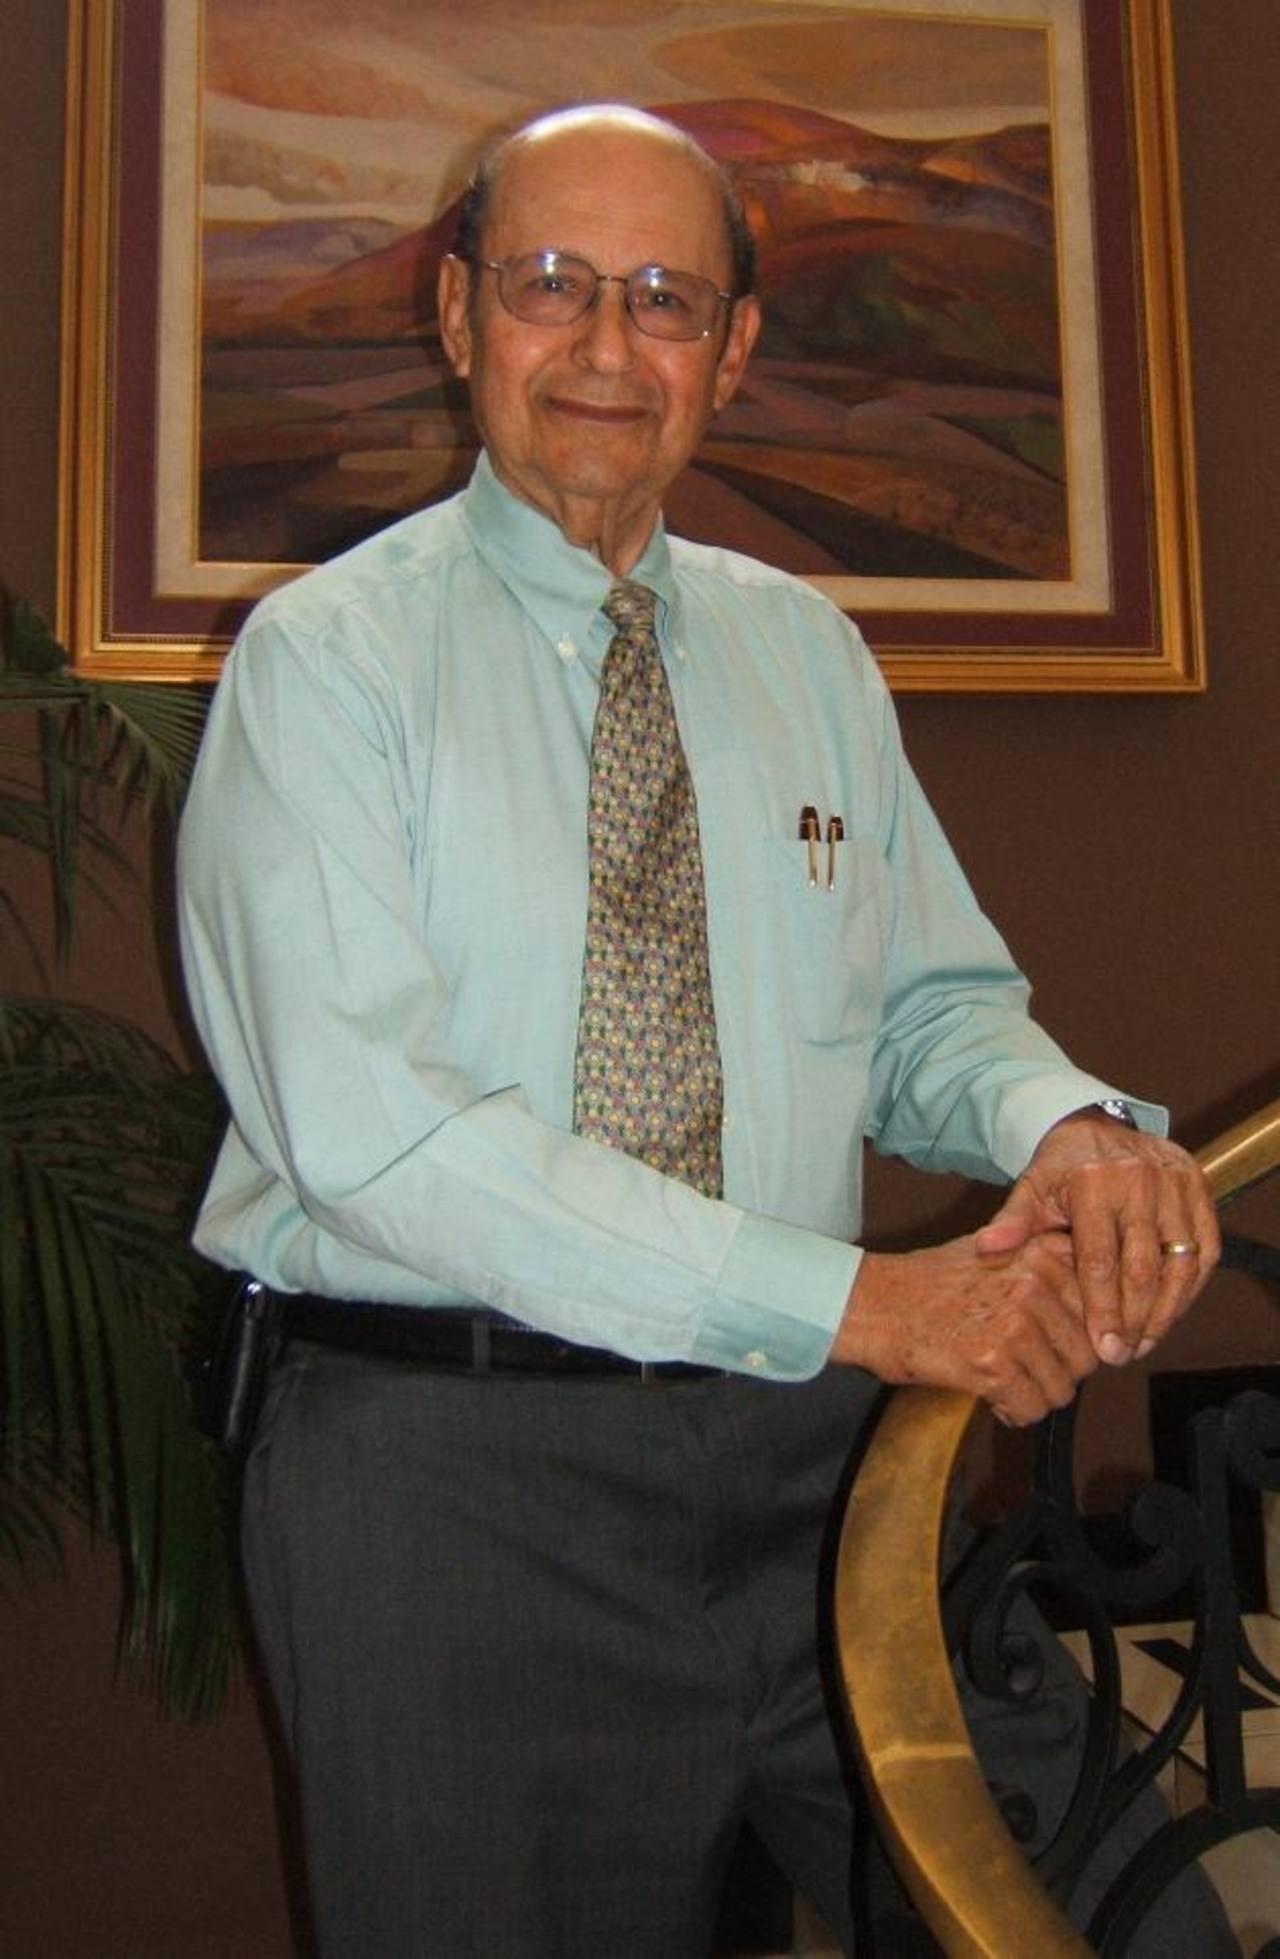 Don Roberto fue un hombre de corazón noble que tuvo una vida llena de éxitos a nivel profesional y que dedicó su vida al servicio del país.